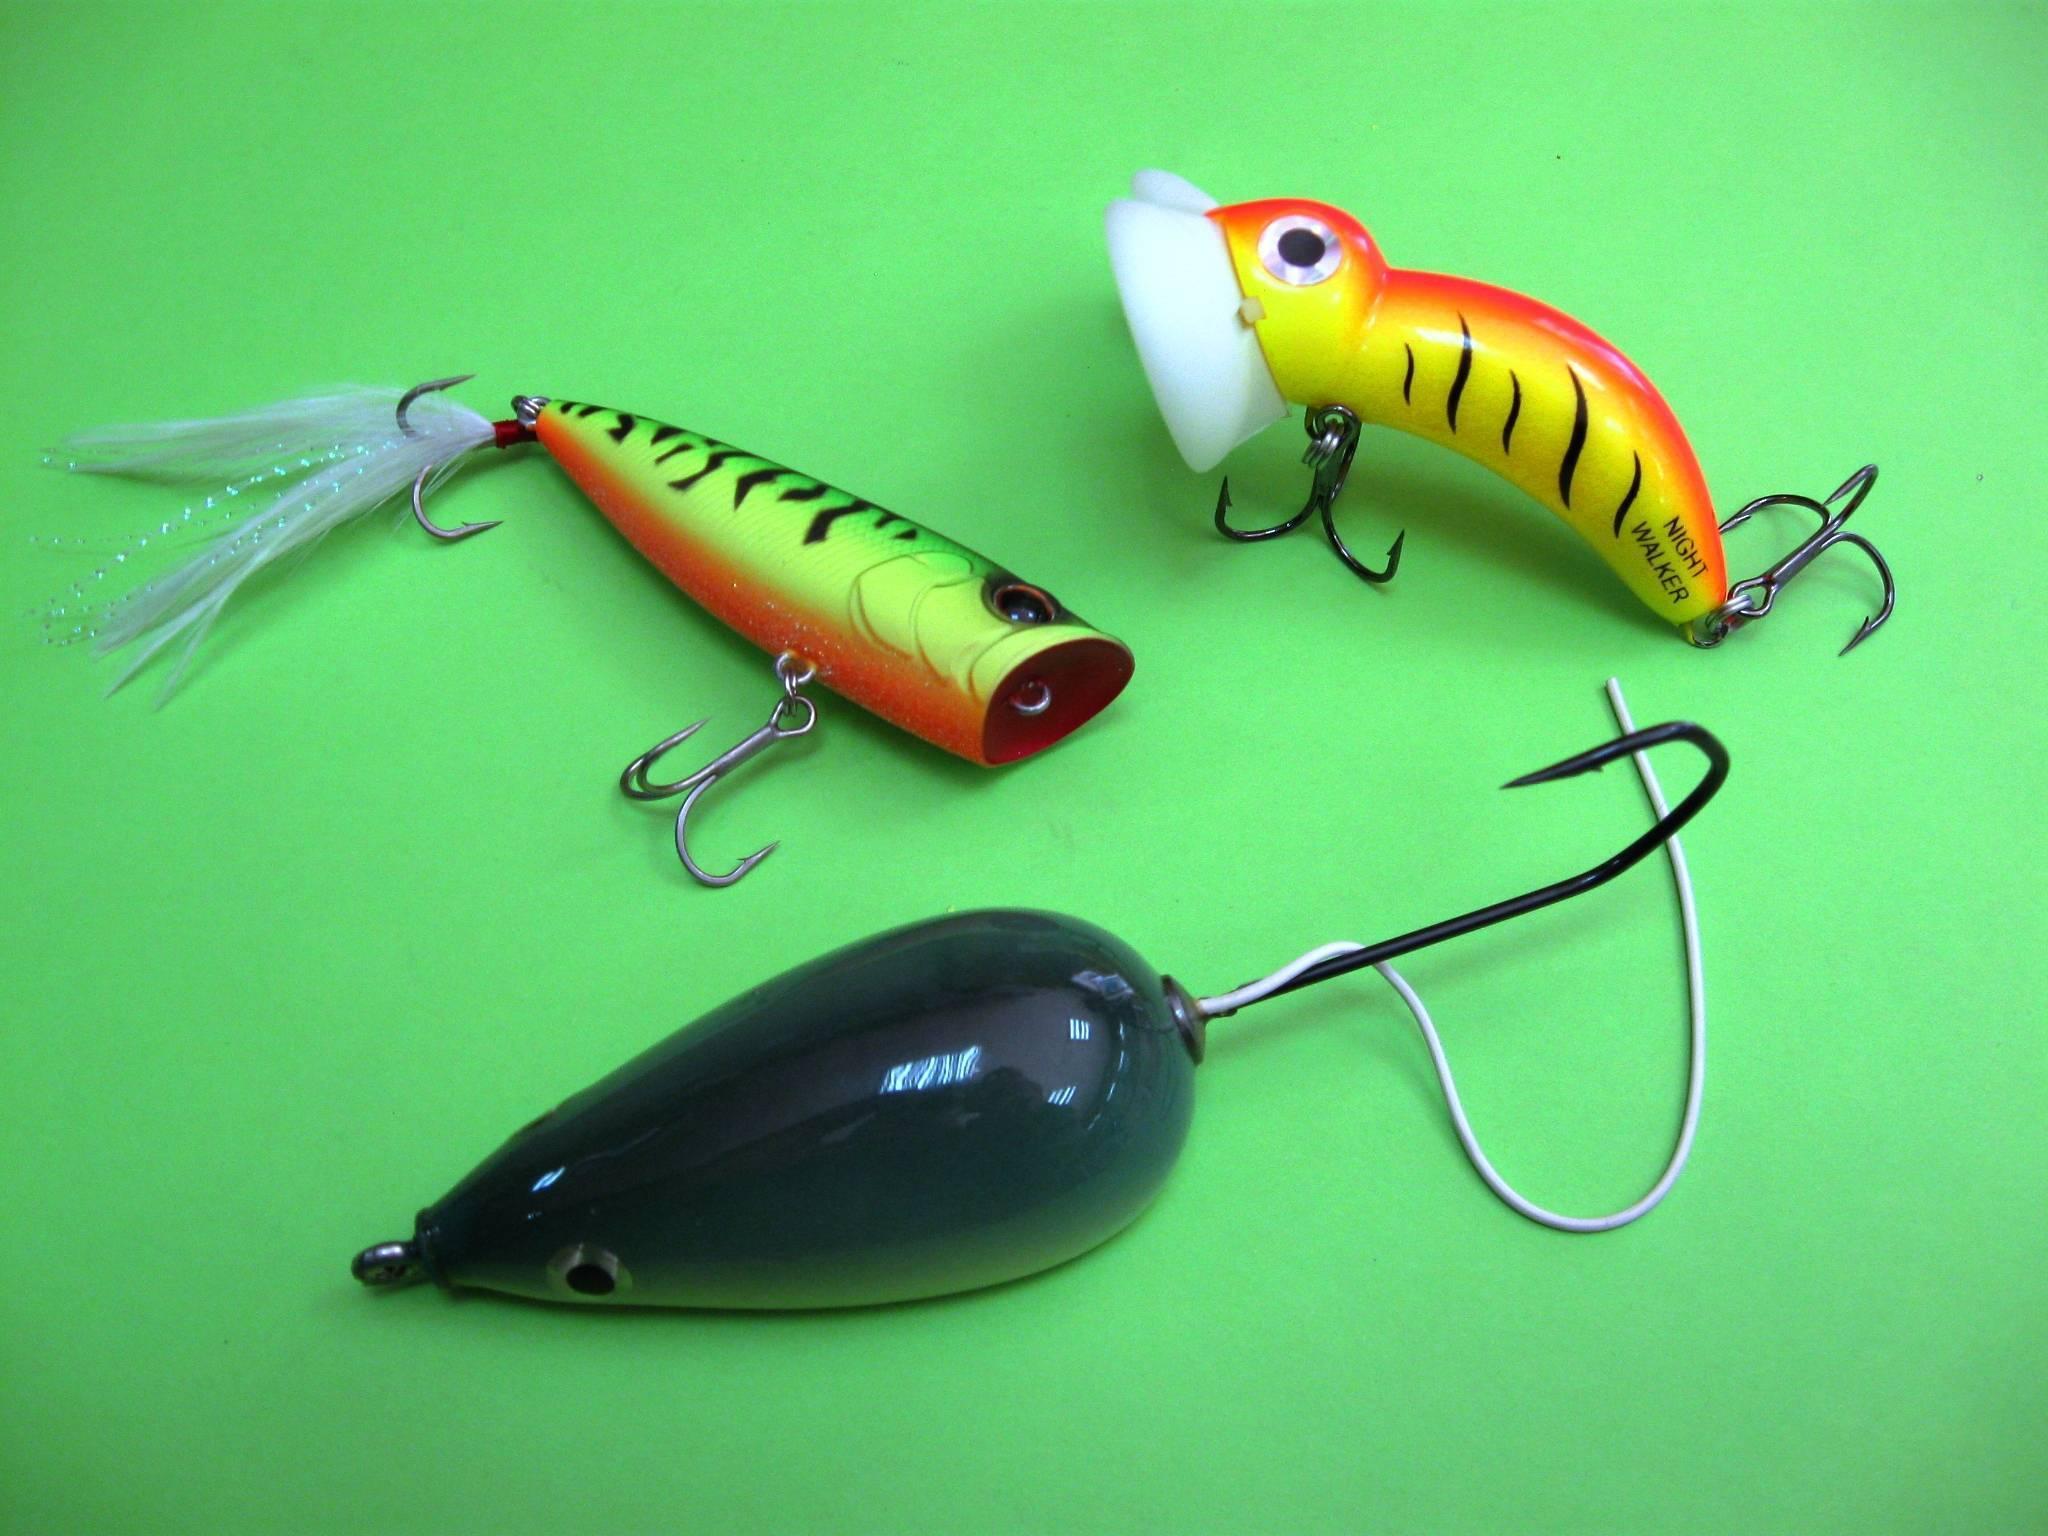 Приманки для ловли щуки на спиннинг: резина, блесны, попперы и воблеры